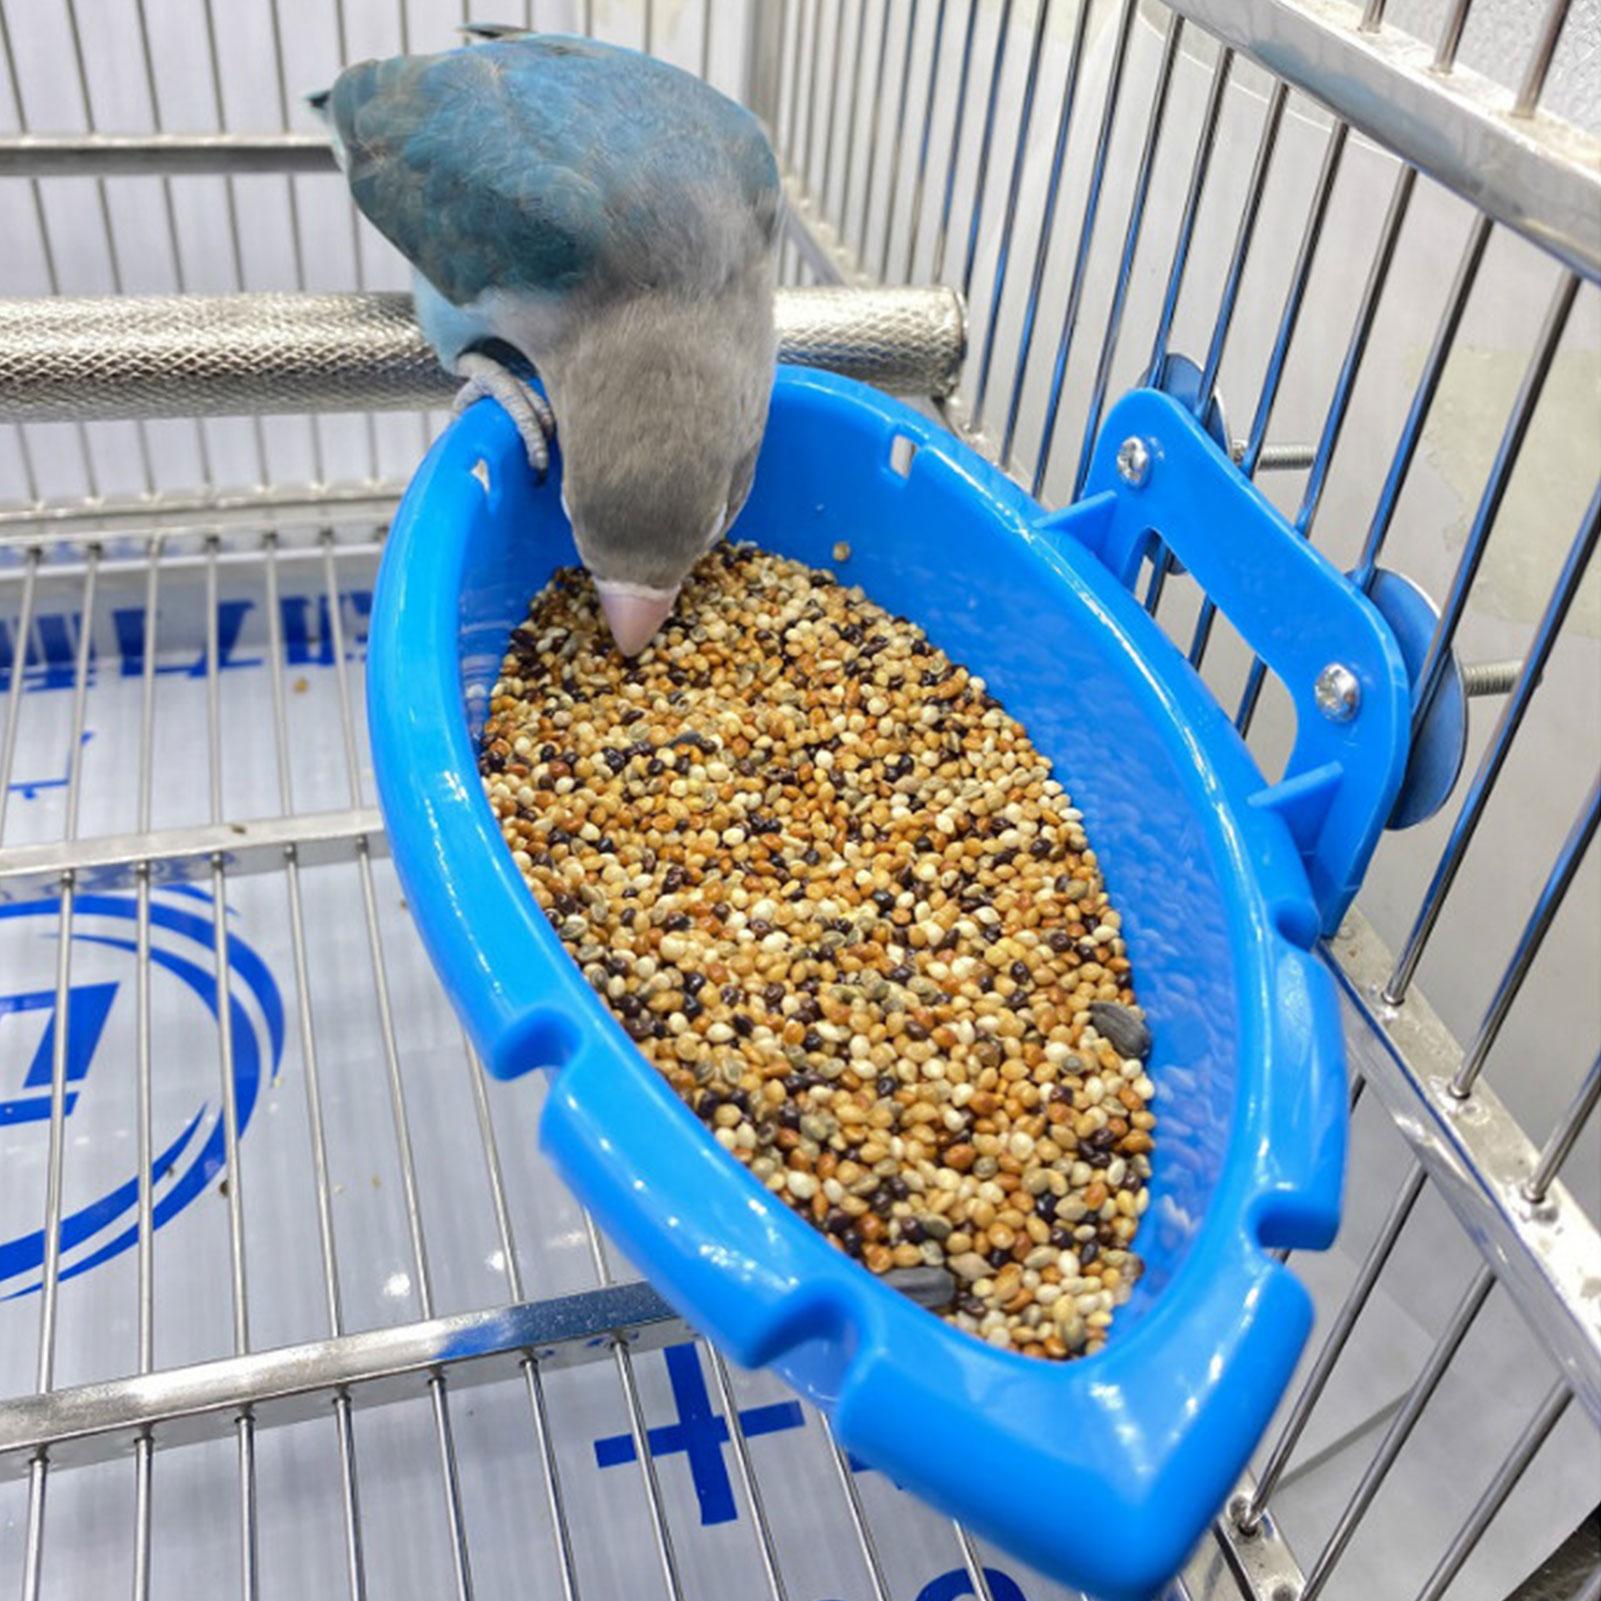 Bird Baths Tub Bowl Basin Parrot Cage Hanging Bathing Box Bird Birdbath Tub Parrot Bath Supplies Bath Room Feeder 6